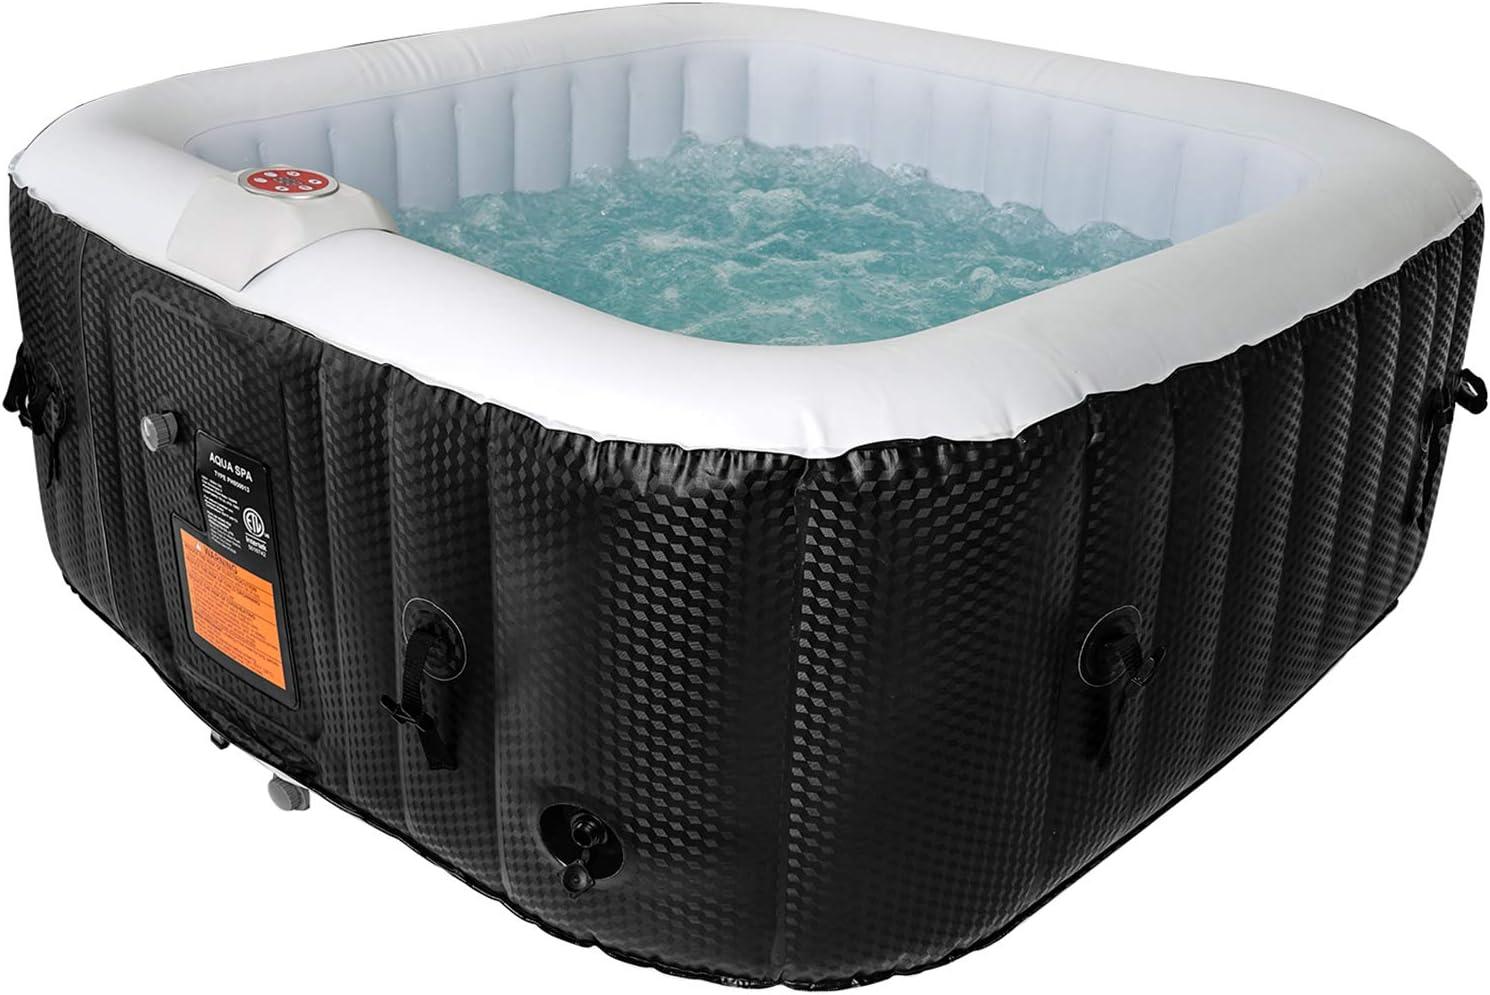 WEJOY AquaSpa Portable Hot Tub